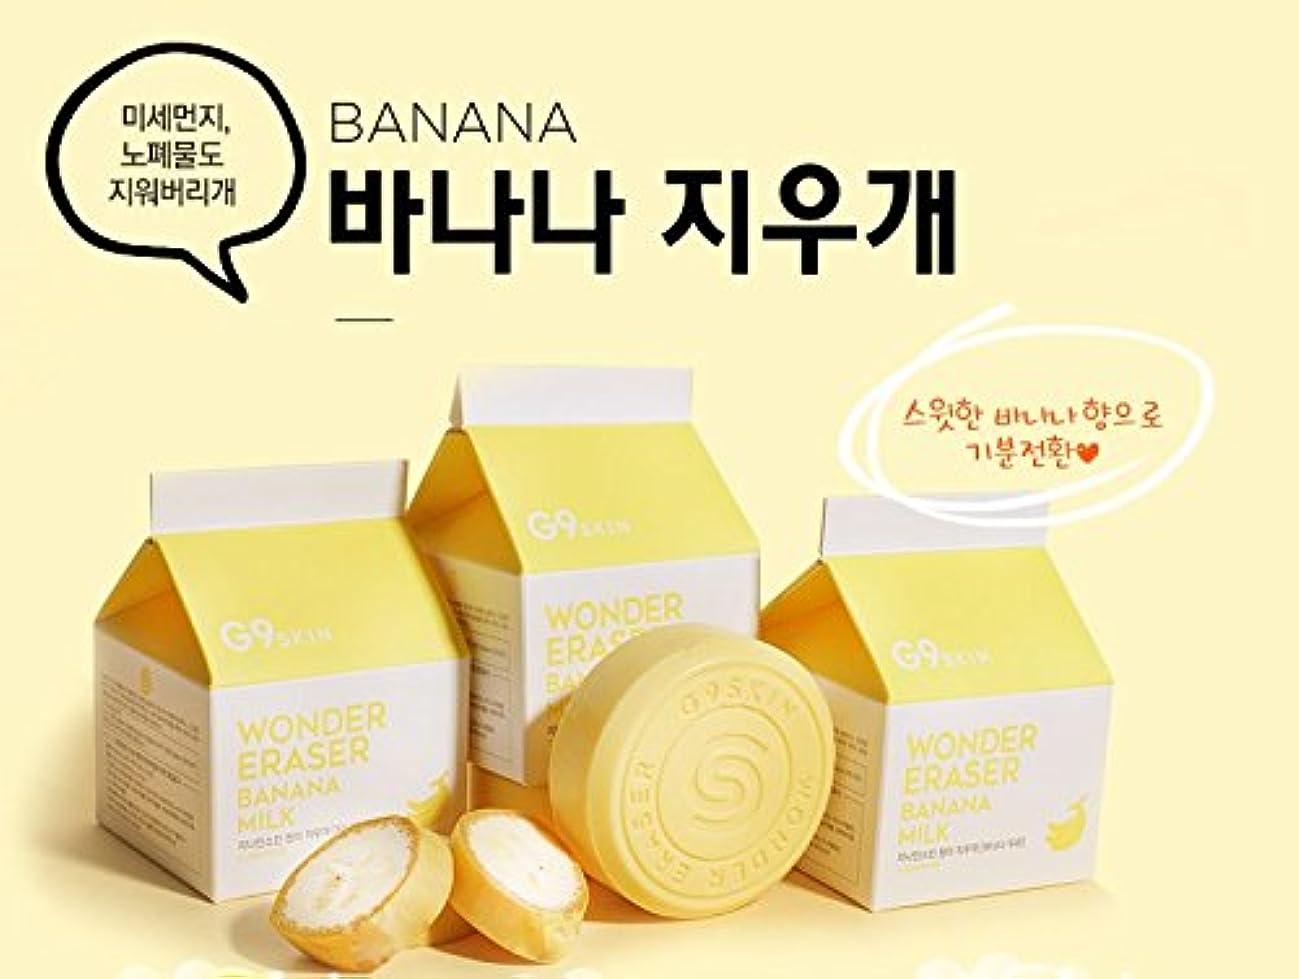 聞きます神出撃者G9SKIN/(ベリサム) ワンダー消しゴム「天然石鹸」3種/イチゴミルク消しゴム、バナナ消しゴム、クルミ消しゴム  (バナナ) [並行輸入品]